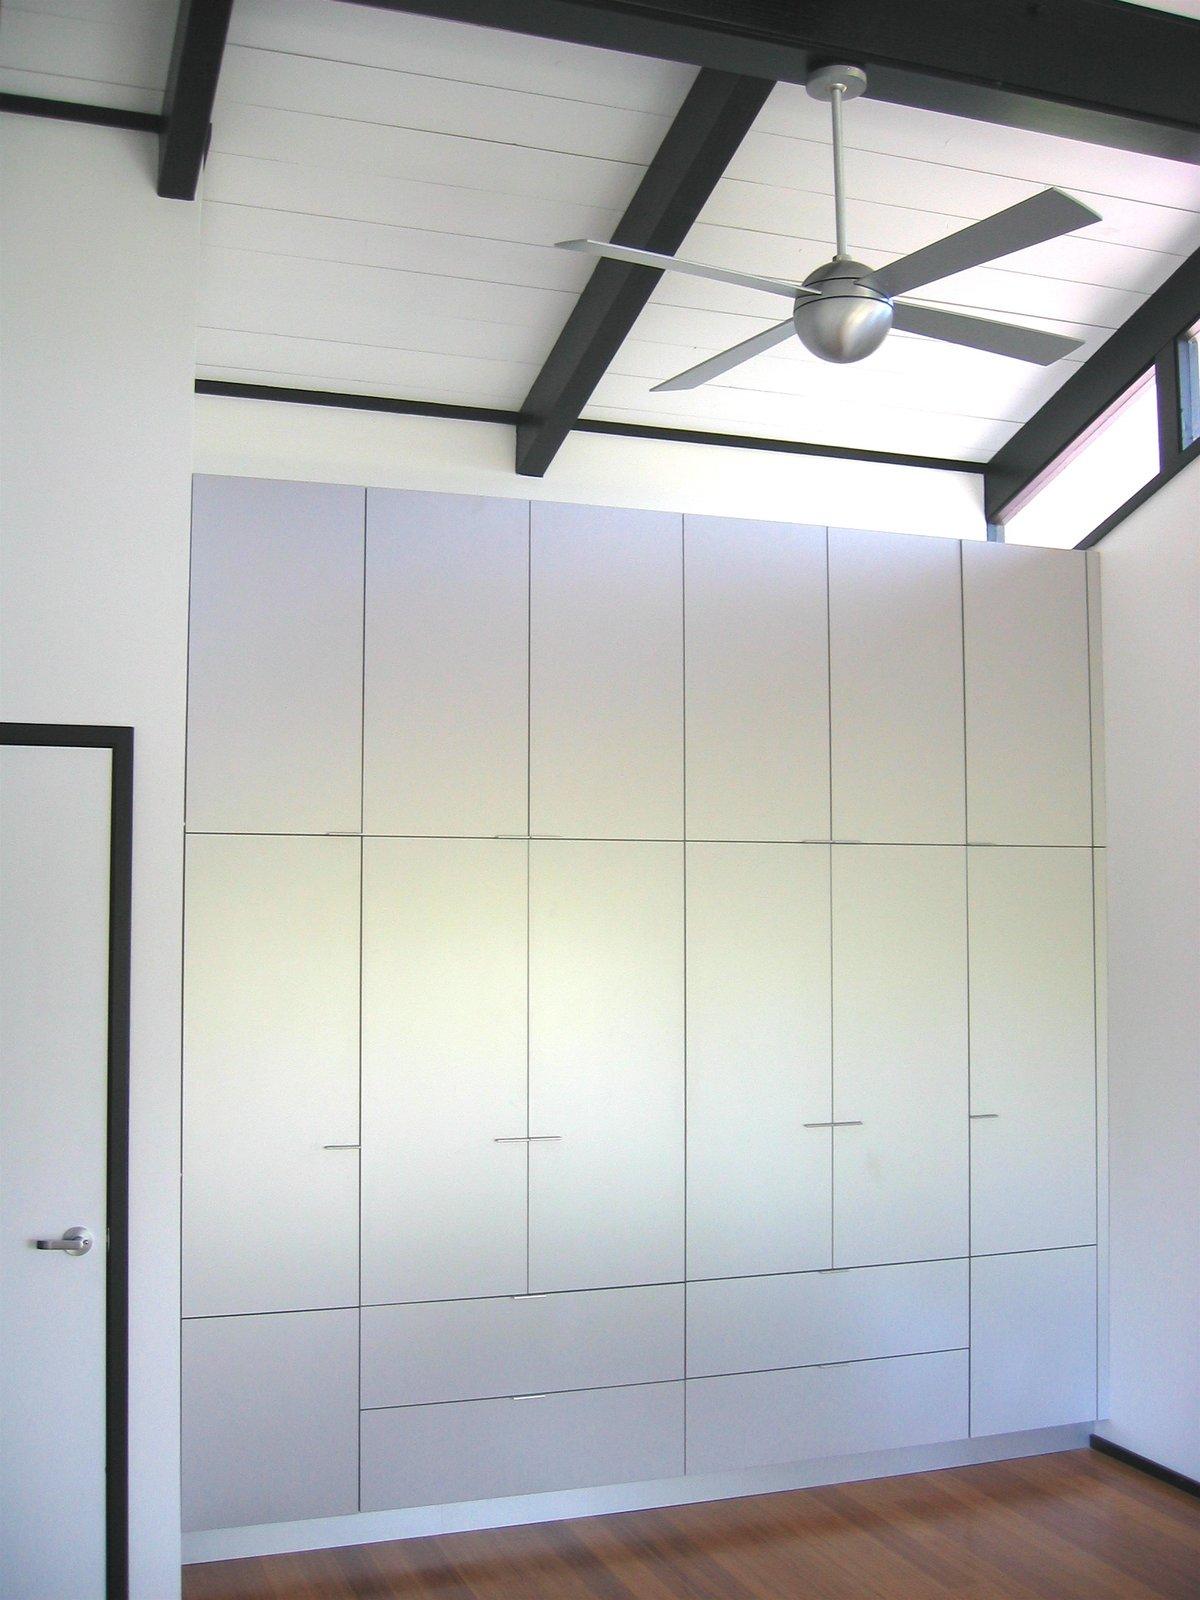 Storage Room, Shelves Storage Type, and Closet Storage Type Aluminum Master Bedroom storage  Home for a Professor by Chris Deam